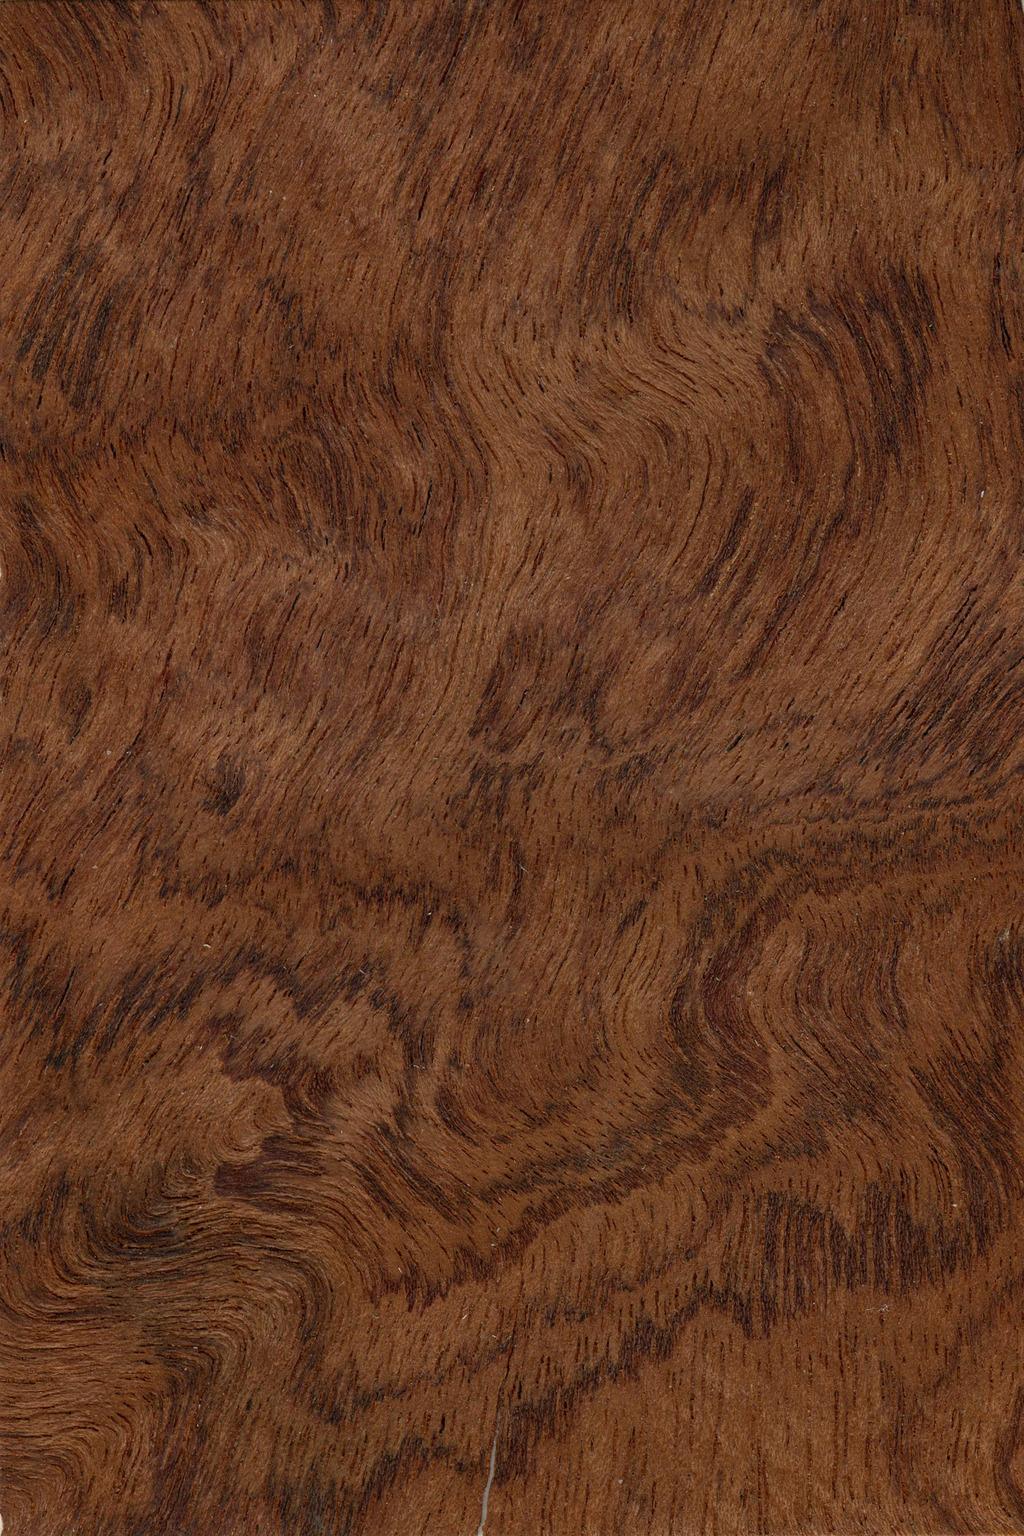 非洲红木木纹贴图素材